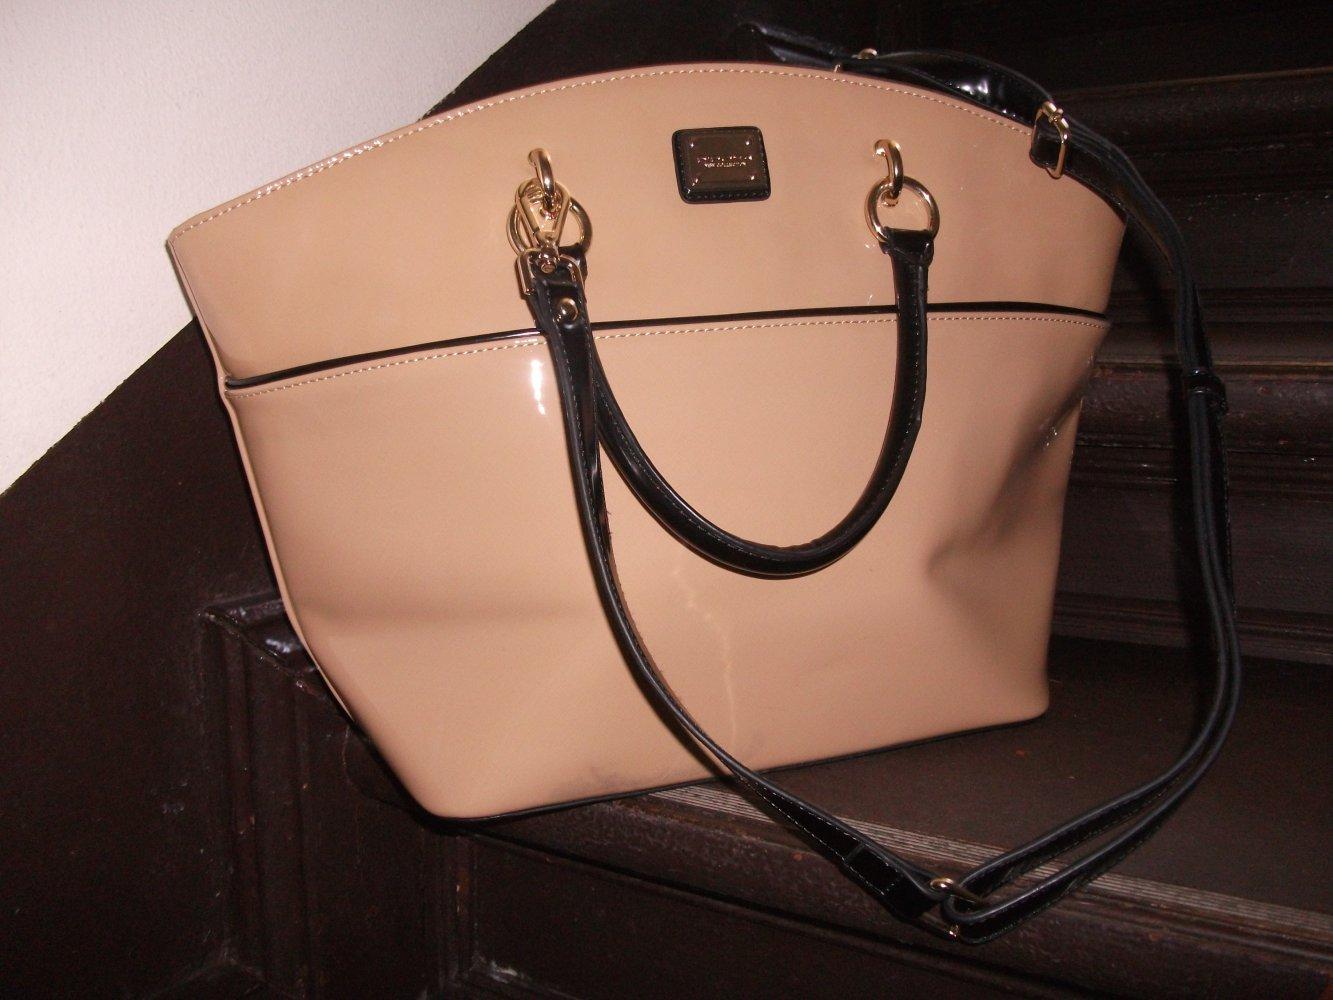 57d5343740c16 D`DONA Lack-Tasche in stylischem nude    Kleiderkorb.de